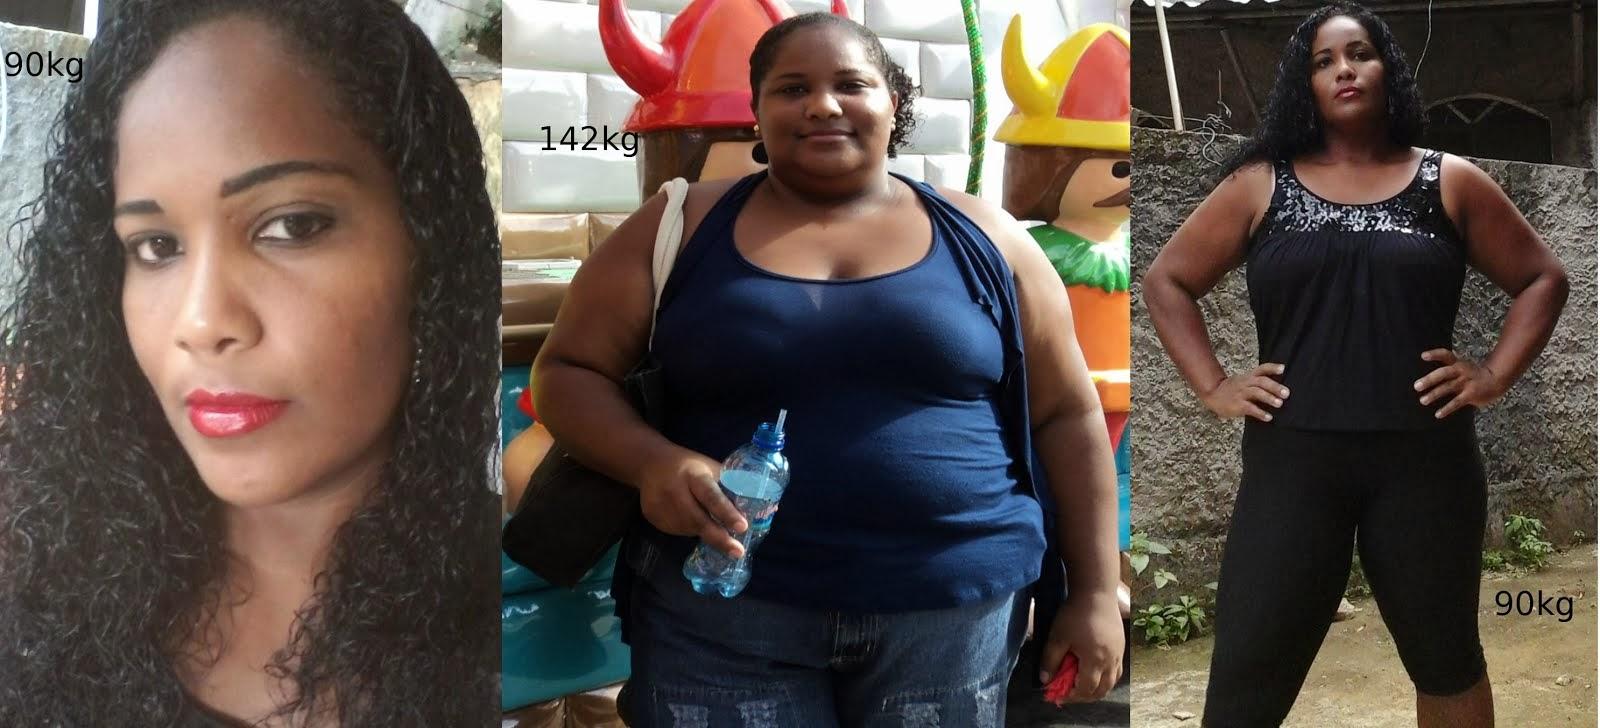 com - 52kg